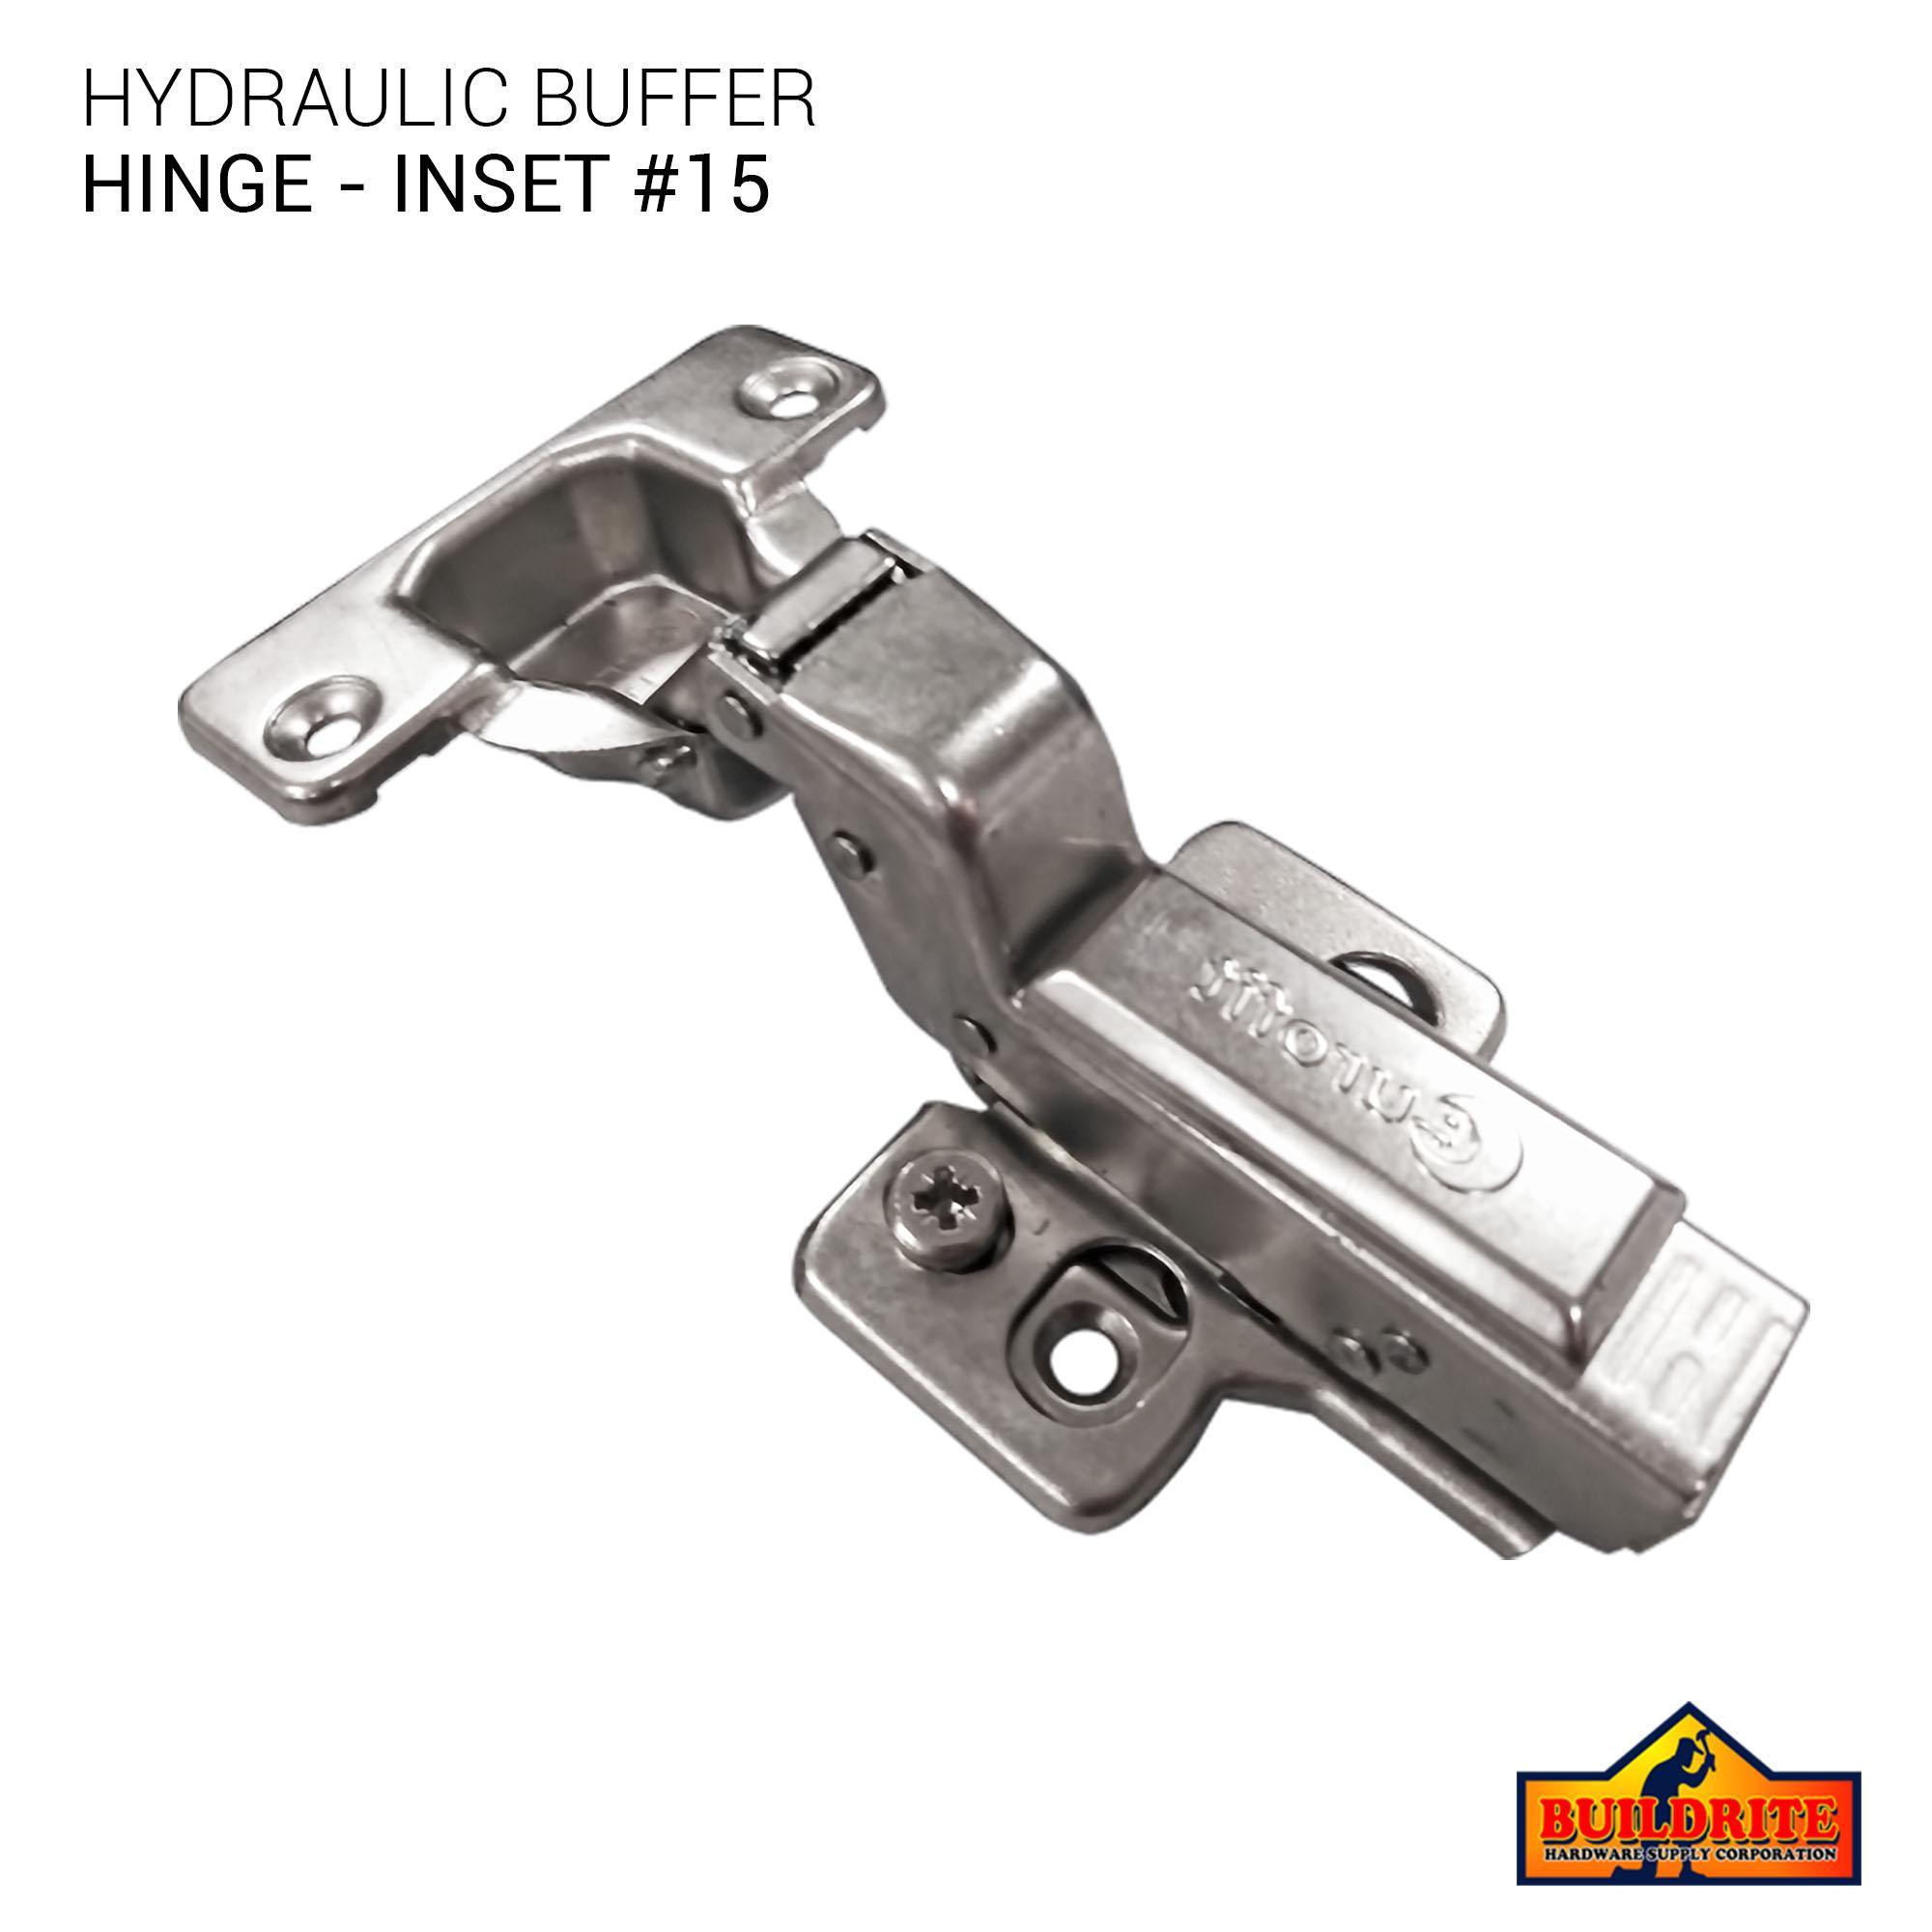 EUROFIT H95 Hydraulic Buffer Hinge, Inset #15 - 1 PC